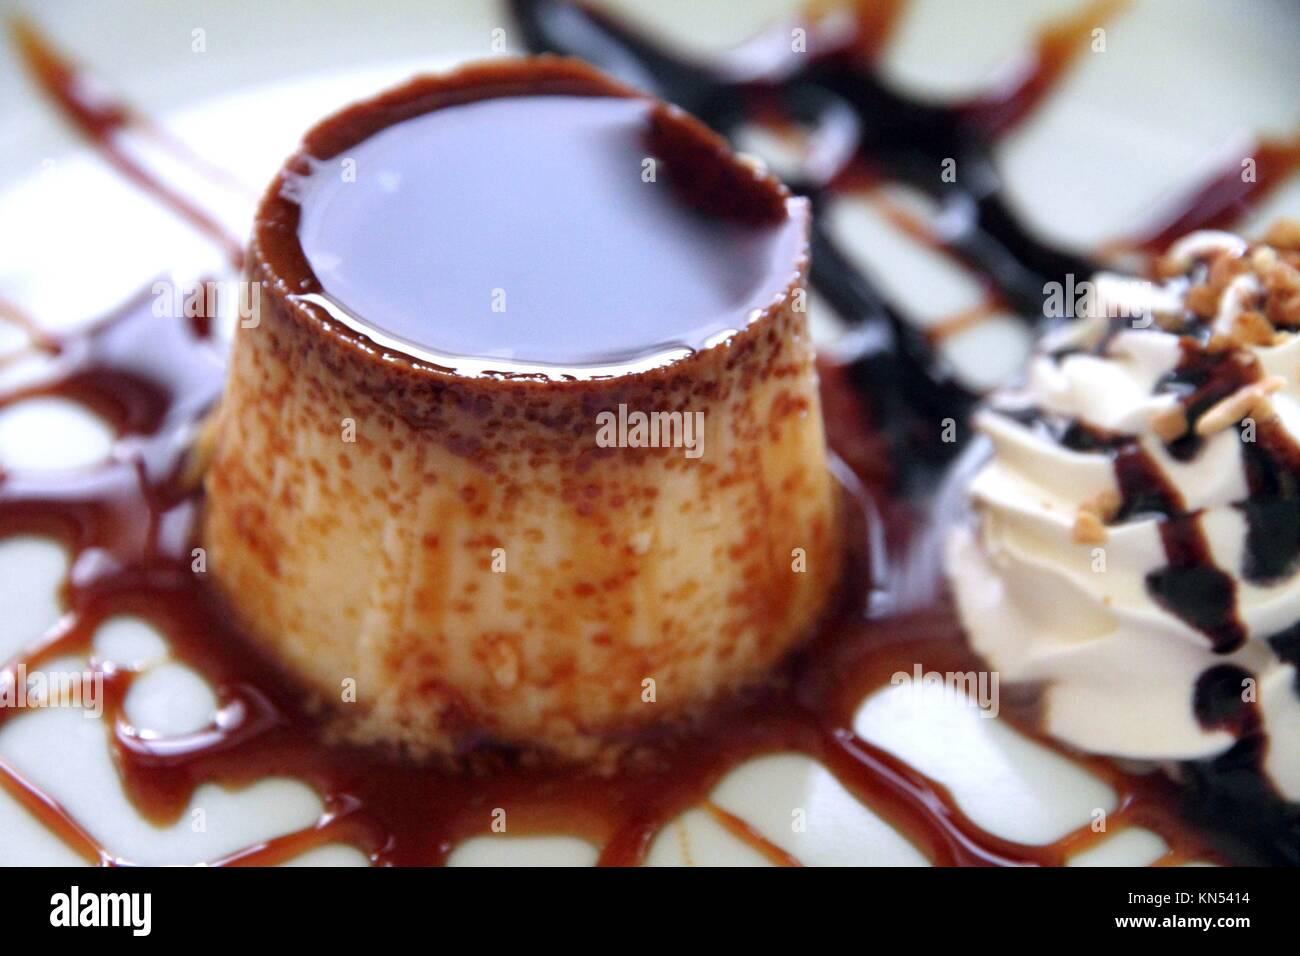 Flan caramello con crema sulla piastra dessert Spagna. Immagini Stock